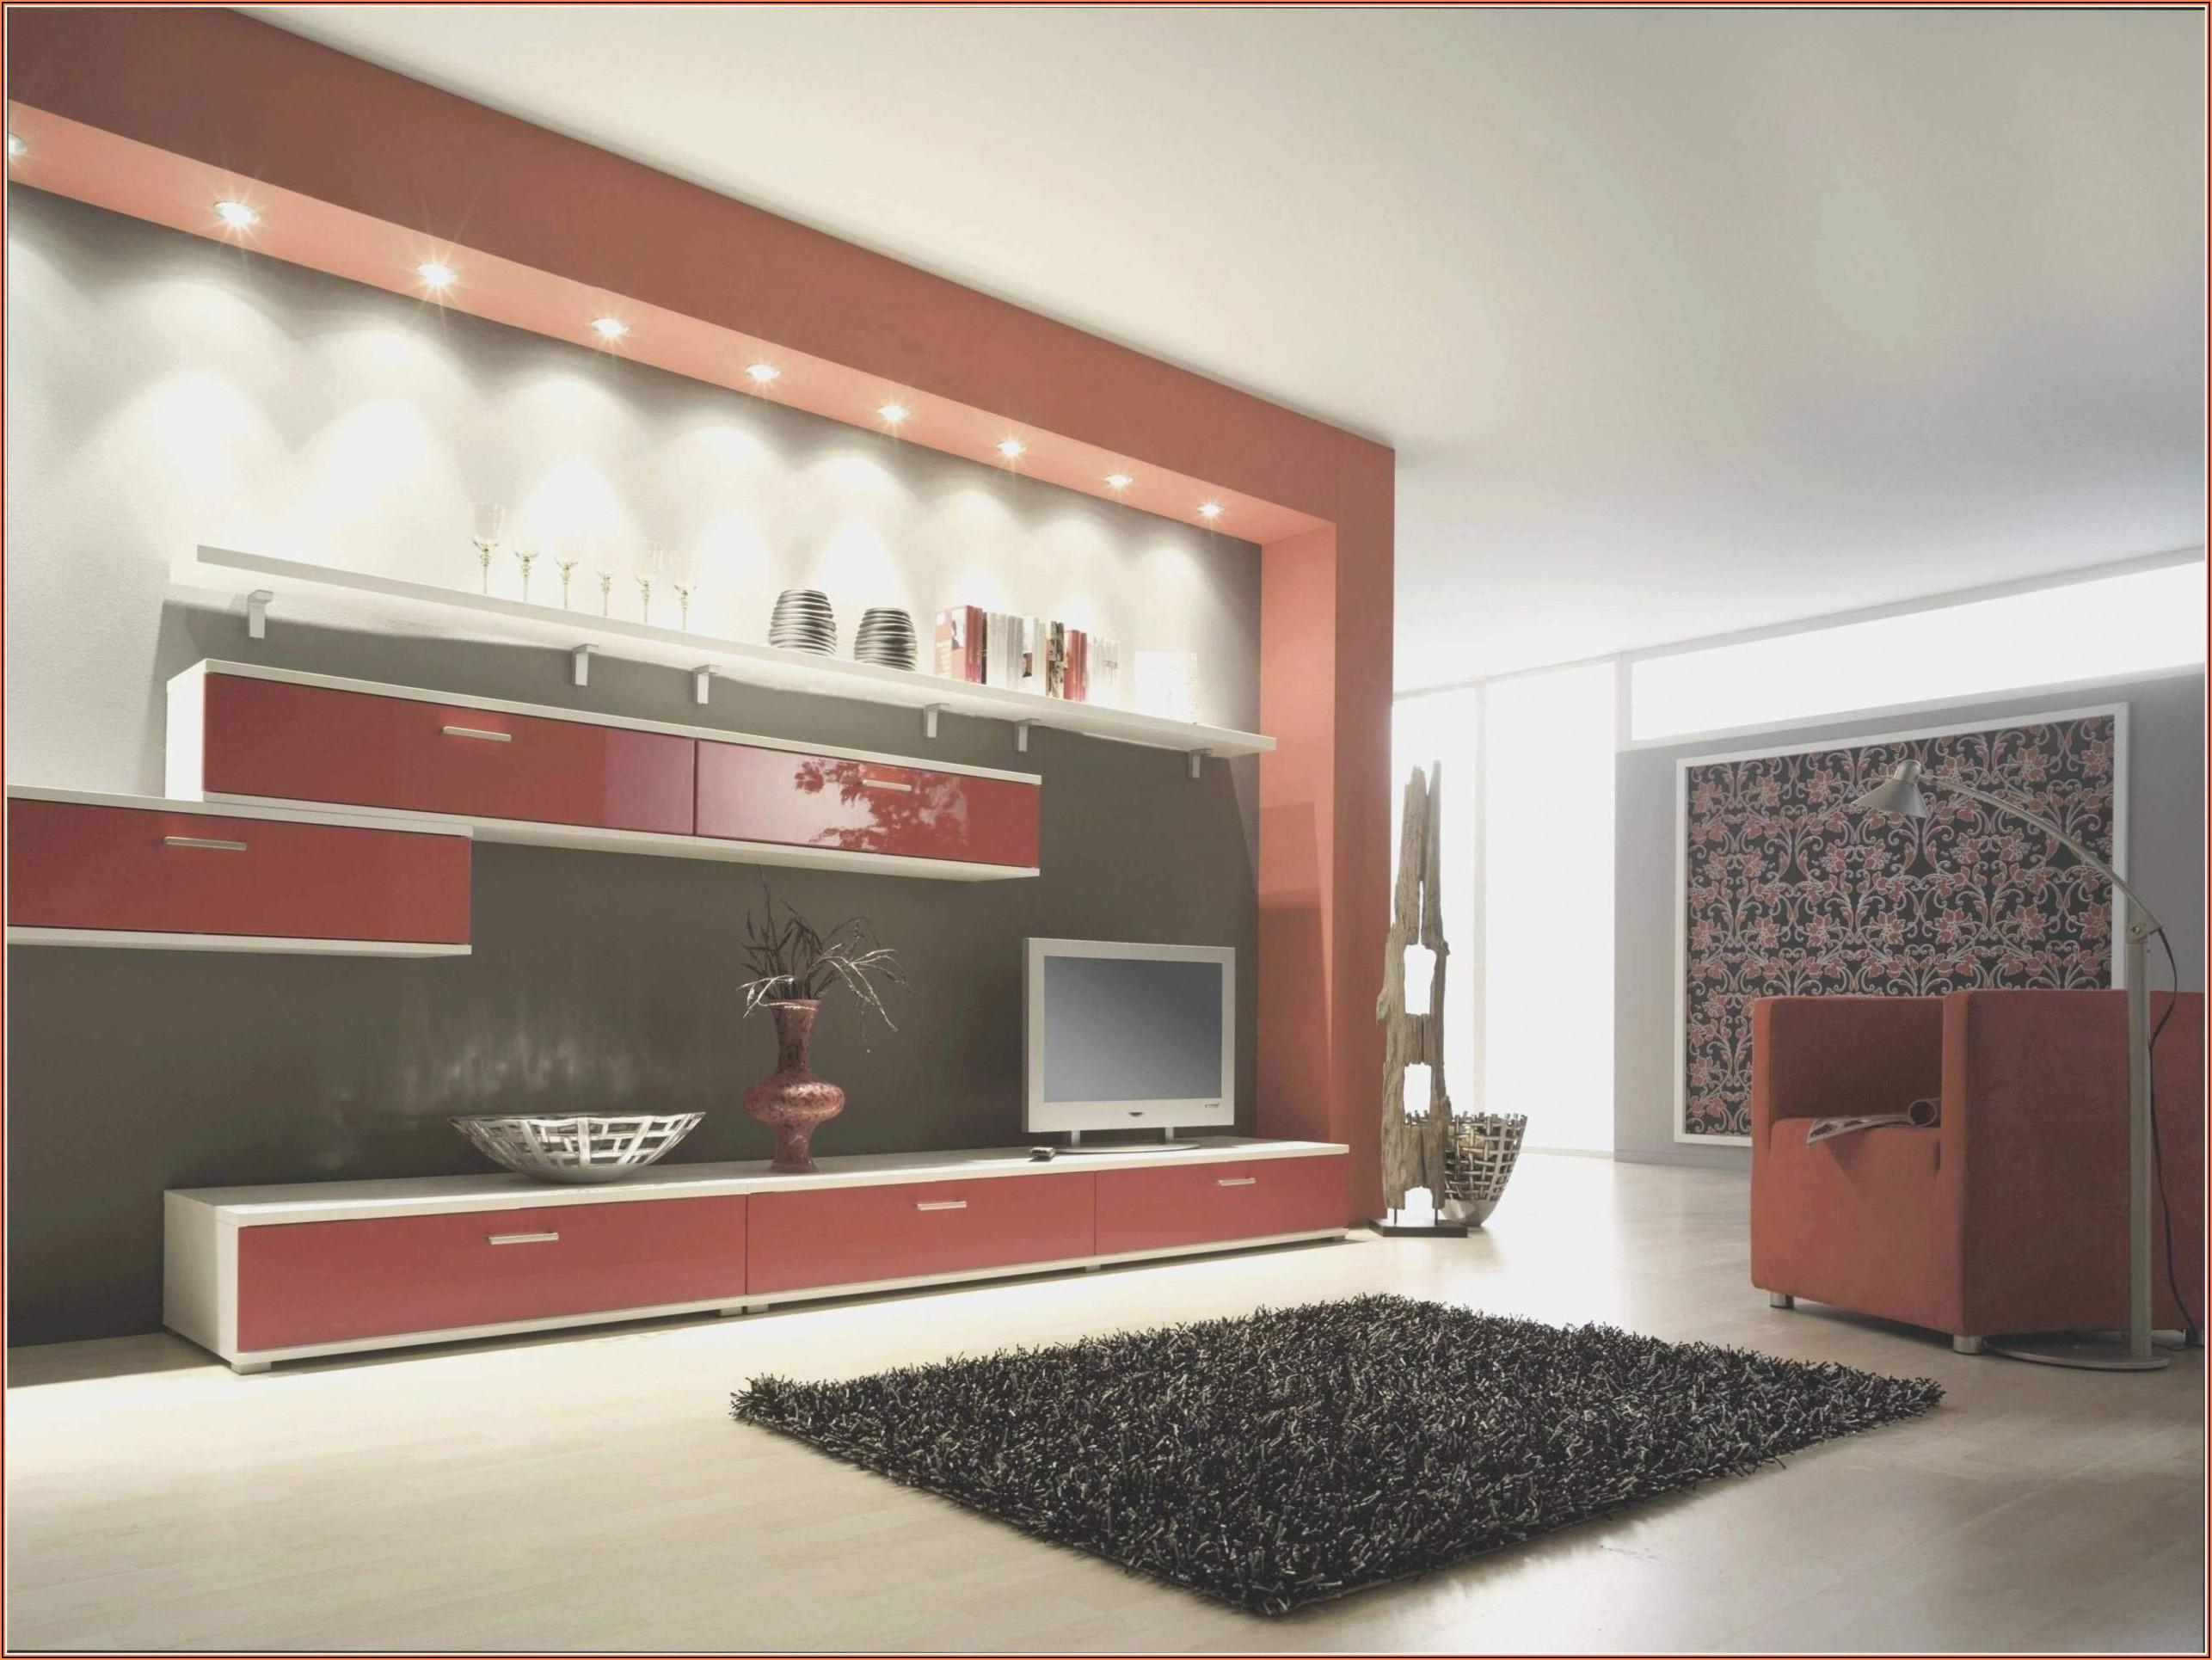 Bilder Wohnzimmer Landhaus